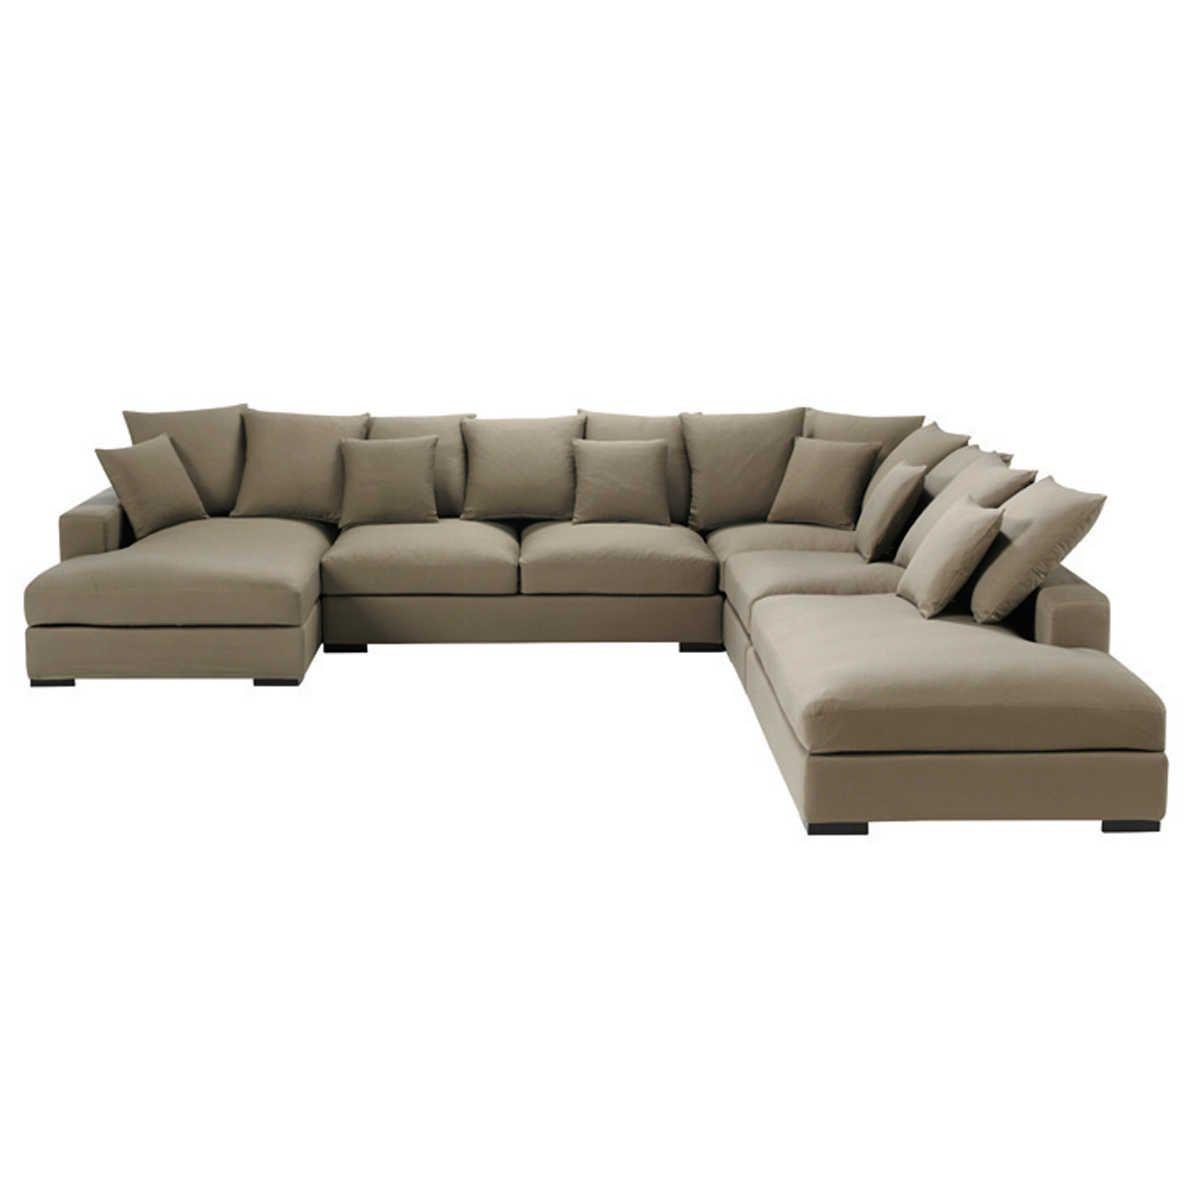 divano ad angolo color talpa in cotone 7 posti loft mobili pinterest lofts corner and. Black Bedroom Furniture Sets. Home Design Ideas